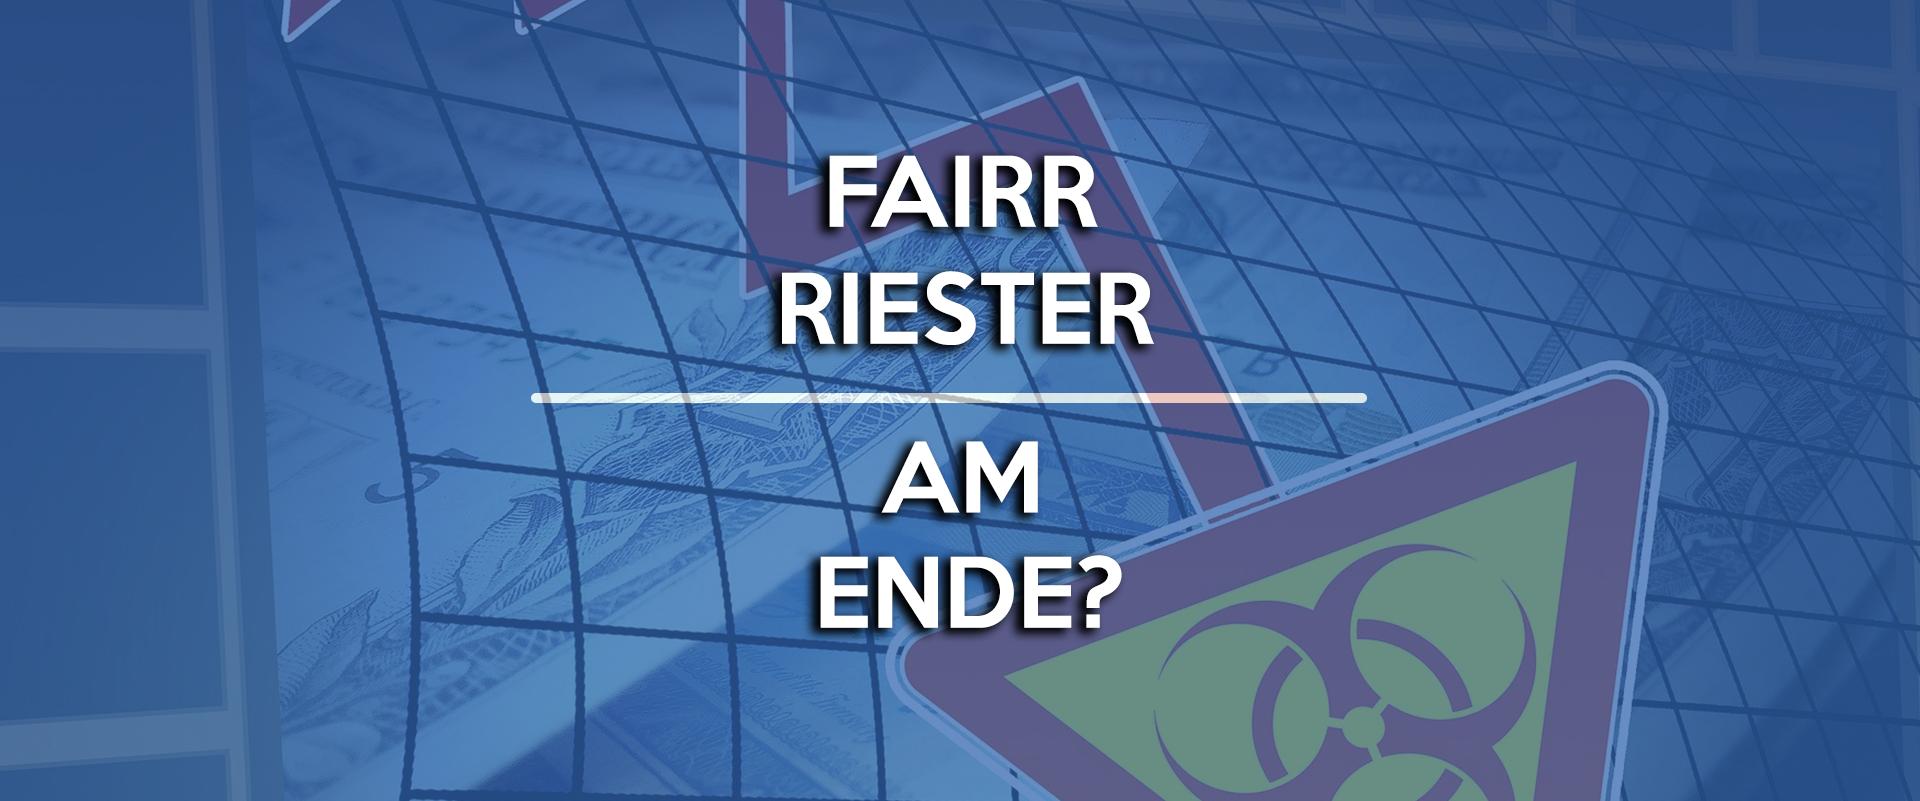 fairriester erfahrung fairriester test - Blog